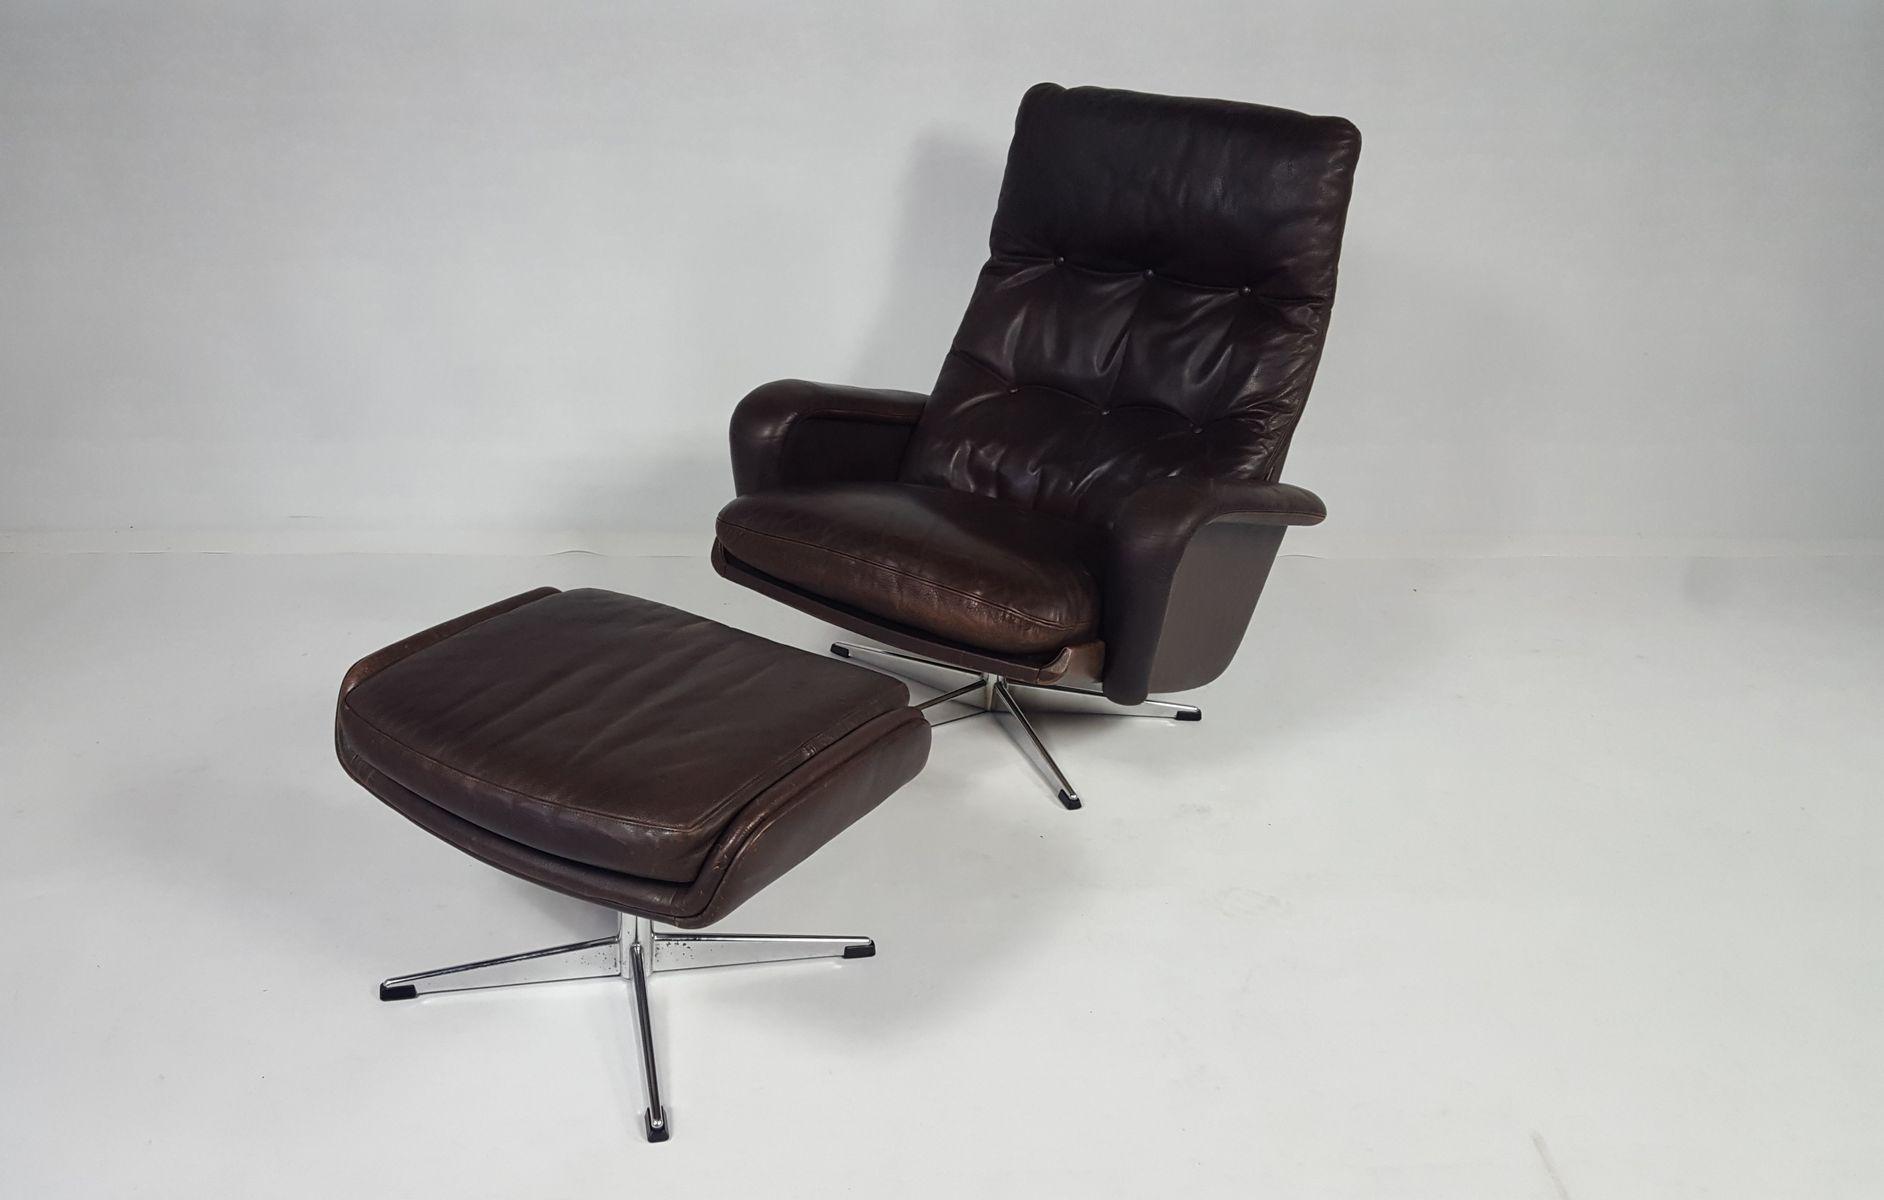 leder drehsessel mit ottomane 1970er bei pamono kaufen. Black Bedroom Furniture Sets. Home Design Ideas